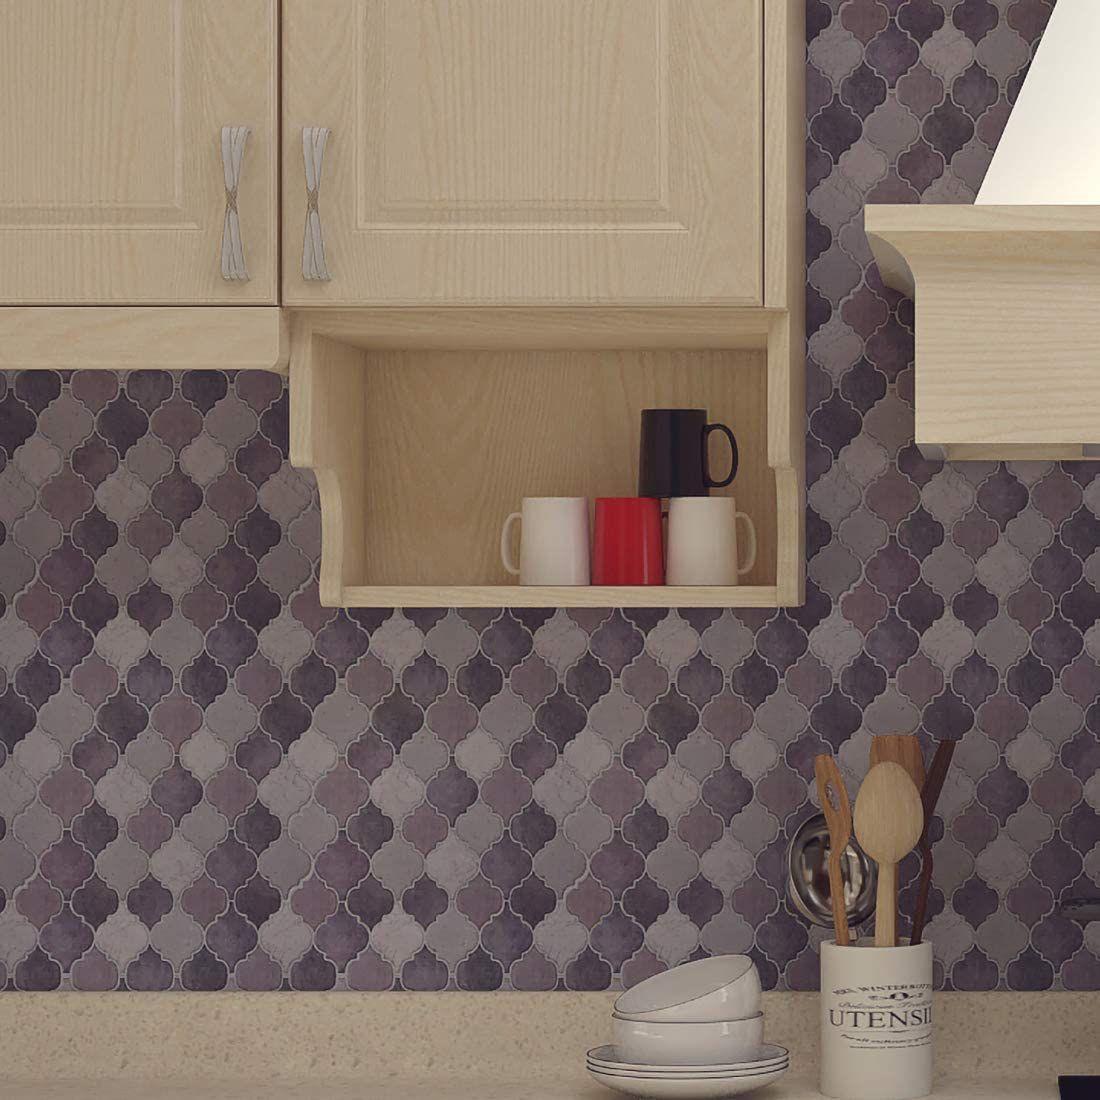 LONGKING Arabesque Tile Backsplash - Amazon